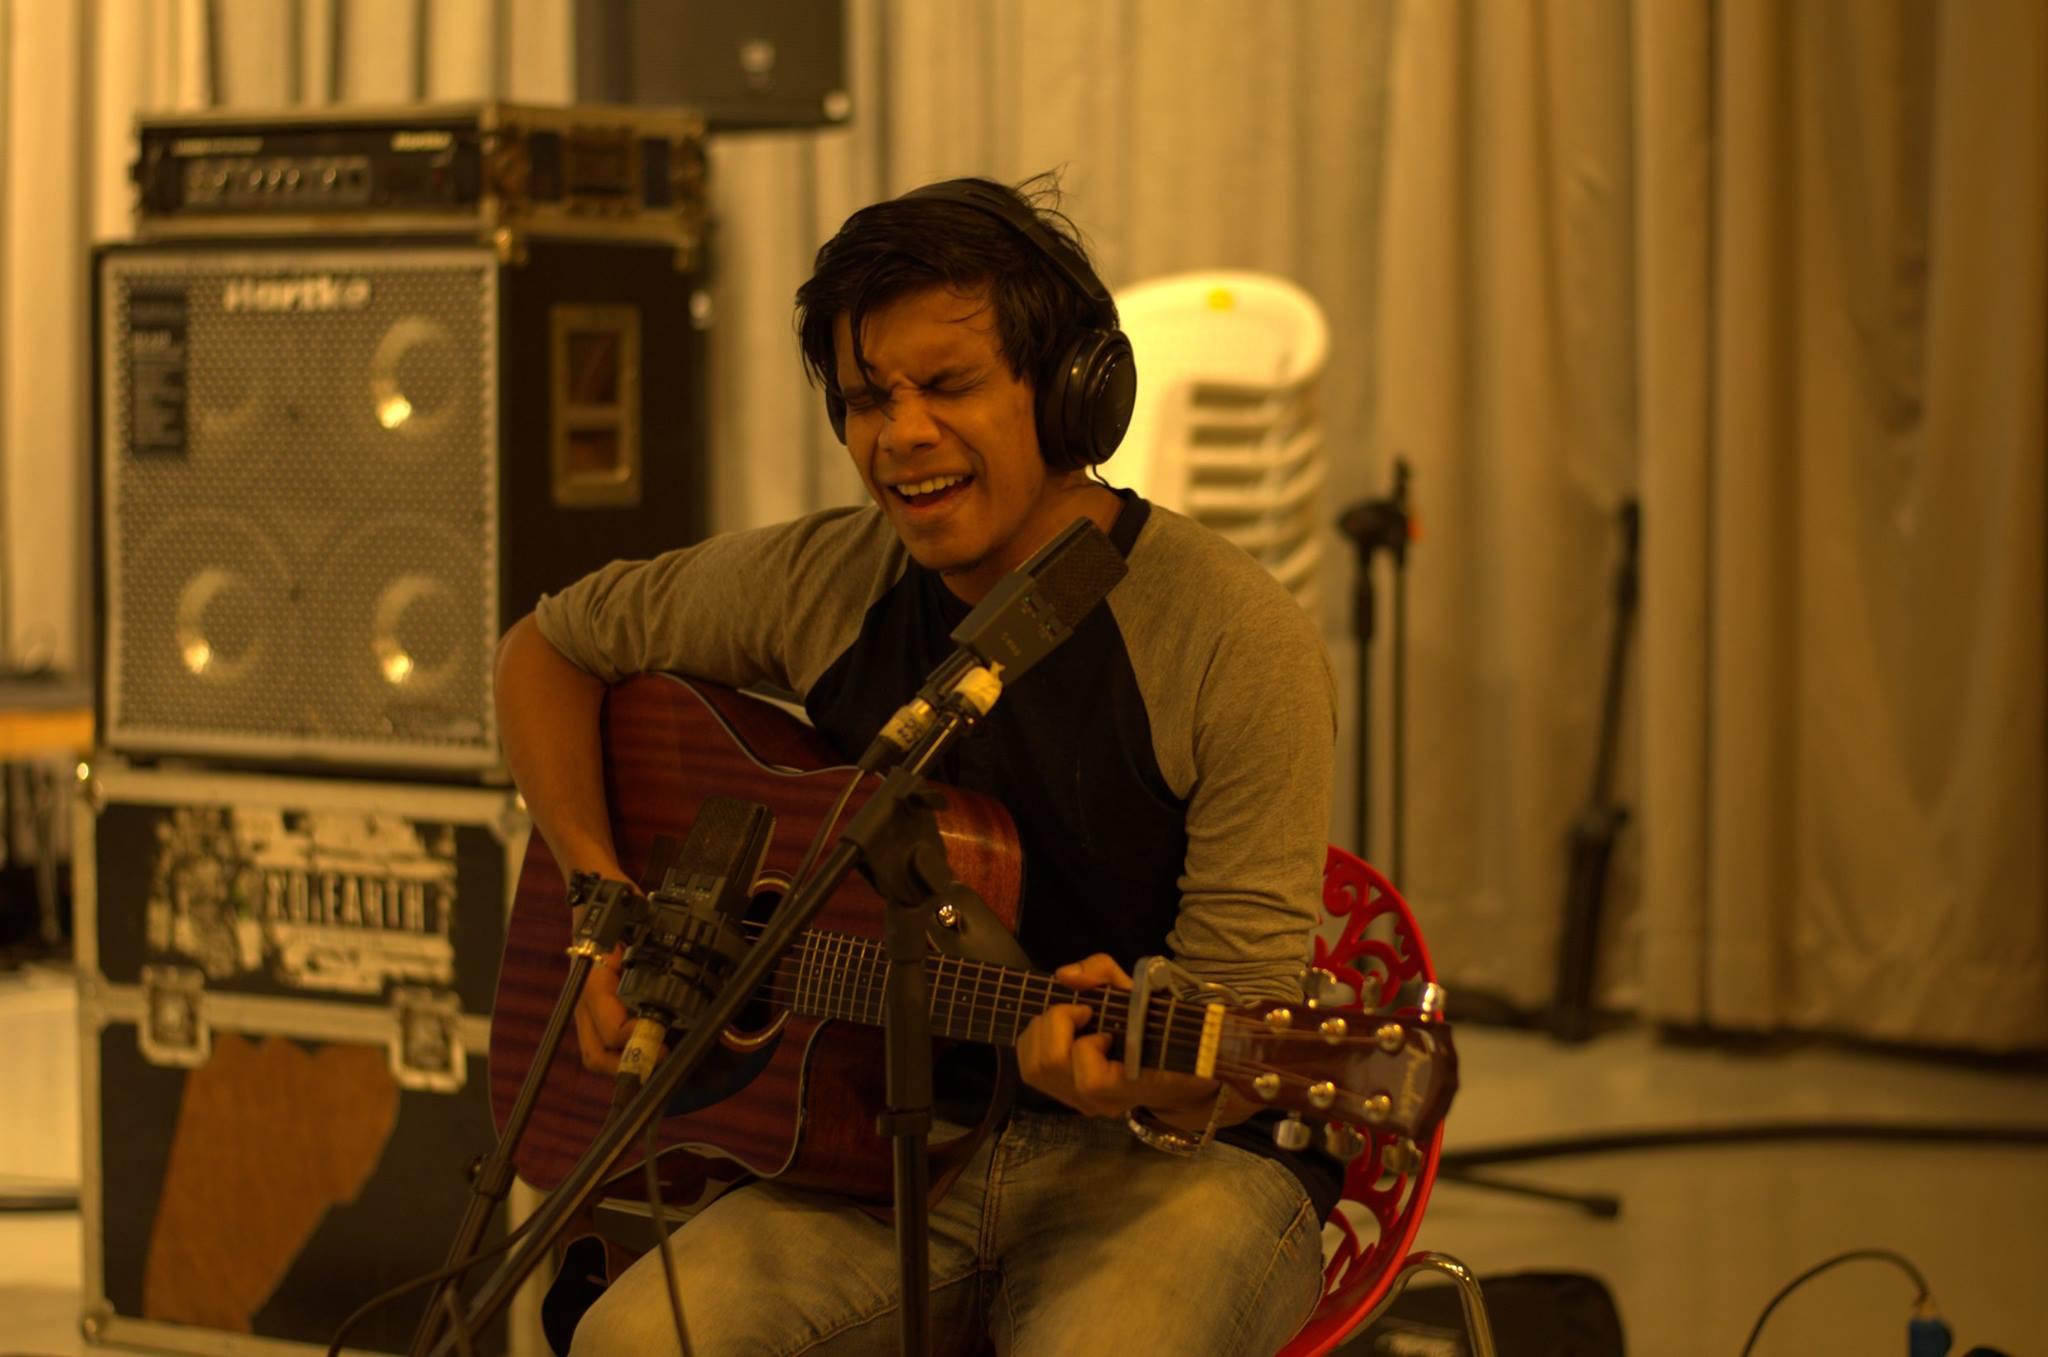 Bjorn Surrao recording at Indie100 2016